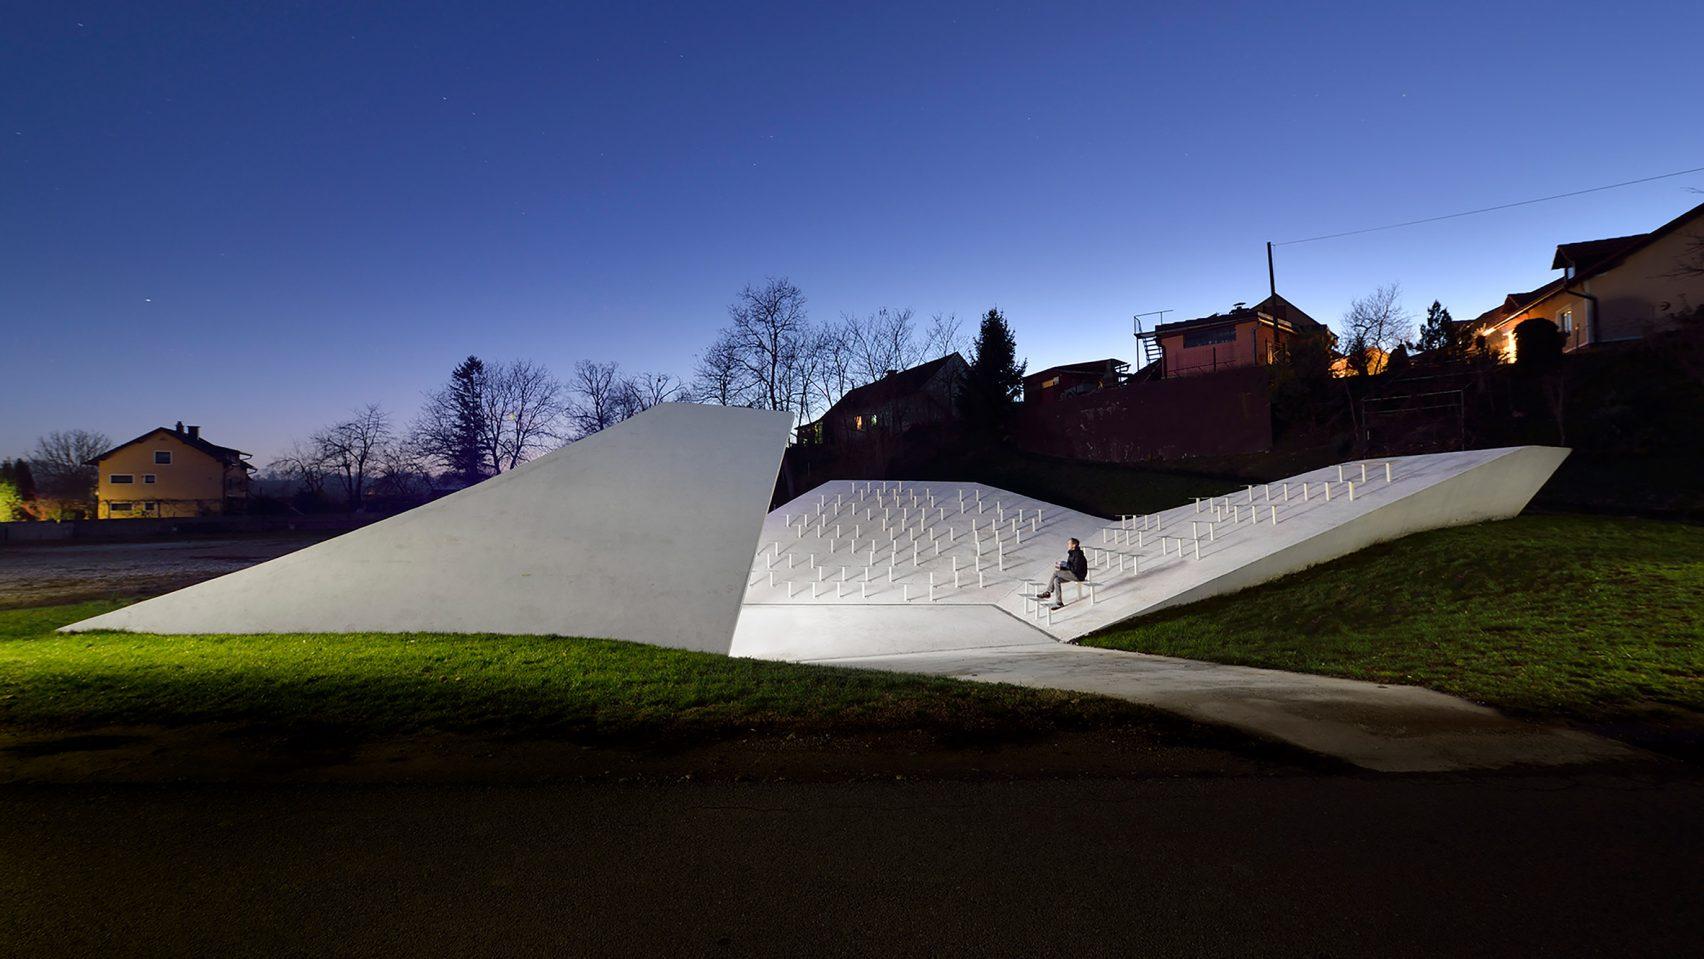 Hófehér beton kápolna hívogatja az embereket ebben a Szlovén faluban